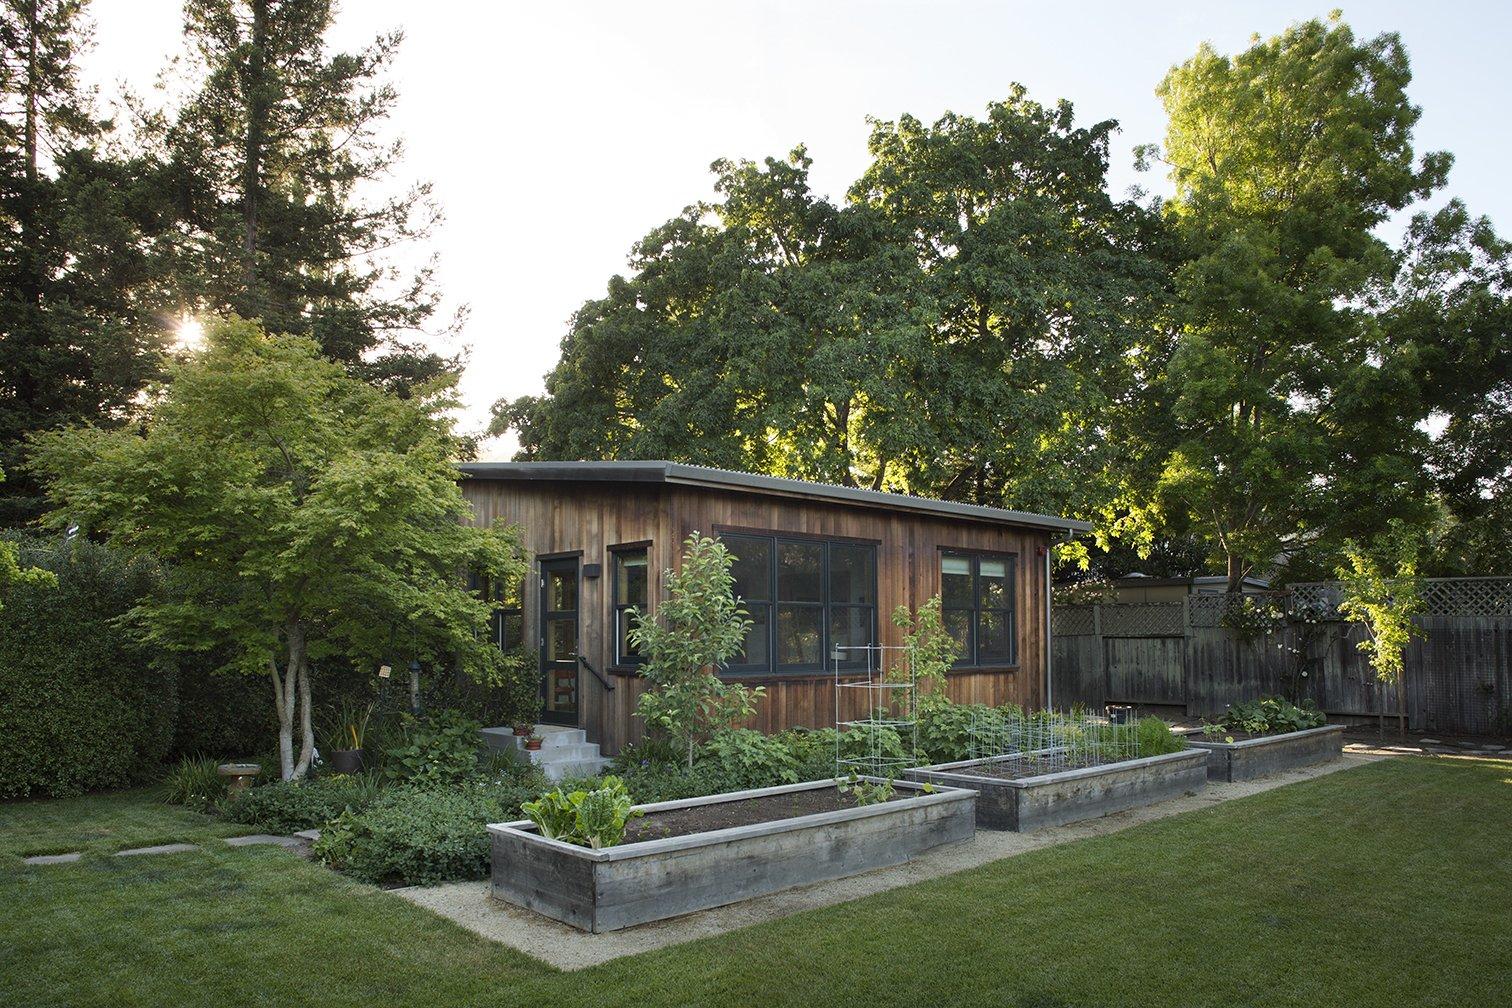 Paluska House Feldman Architecture guest cottage exterior